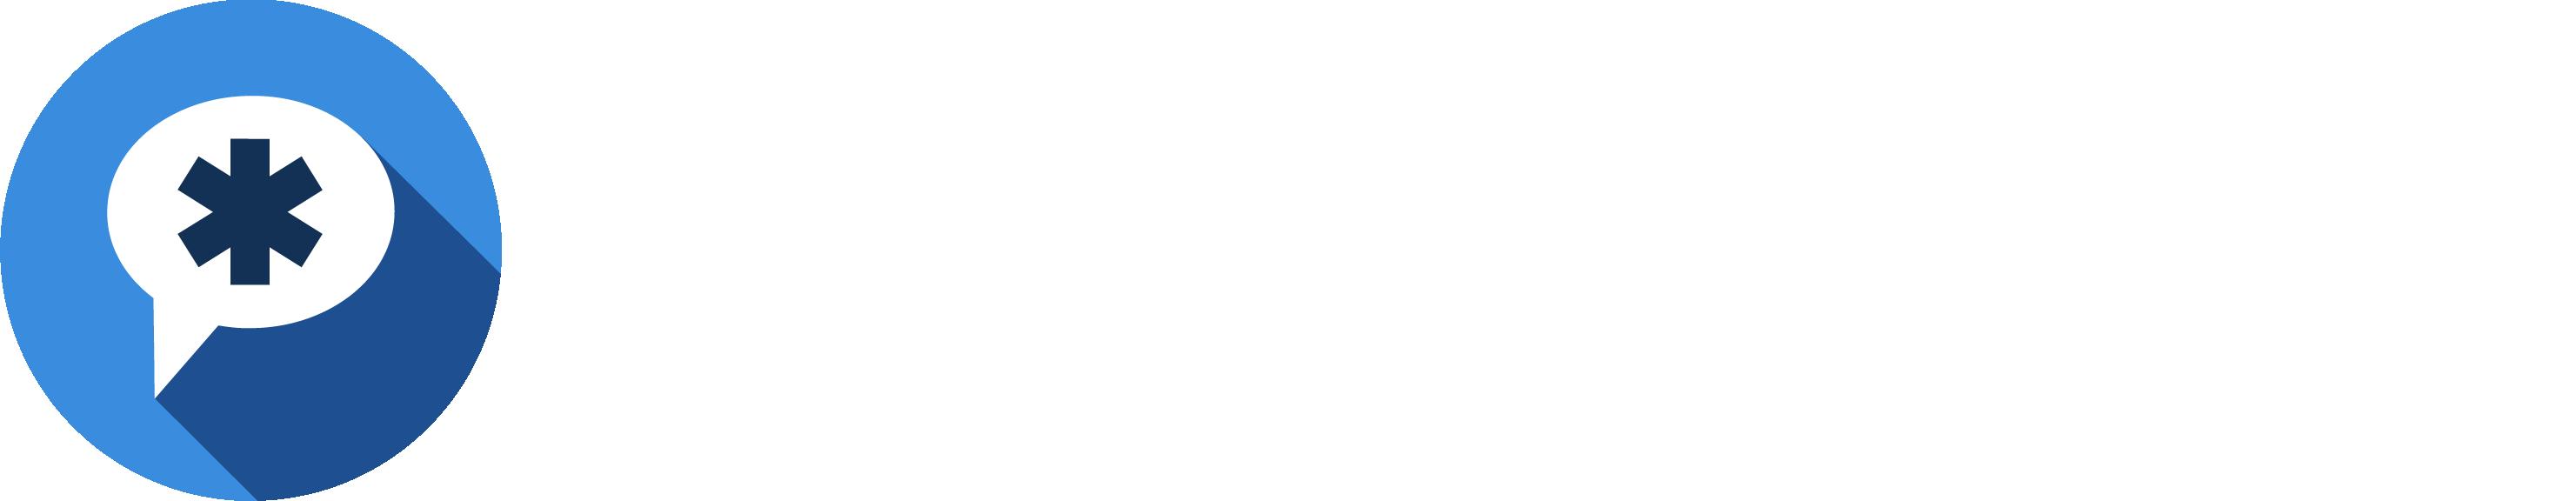 PeerConnect